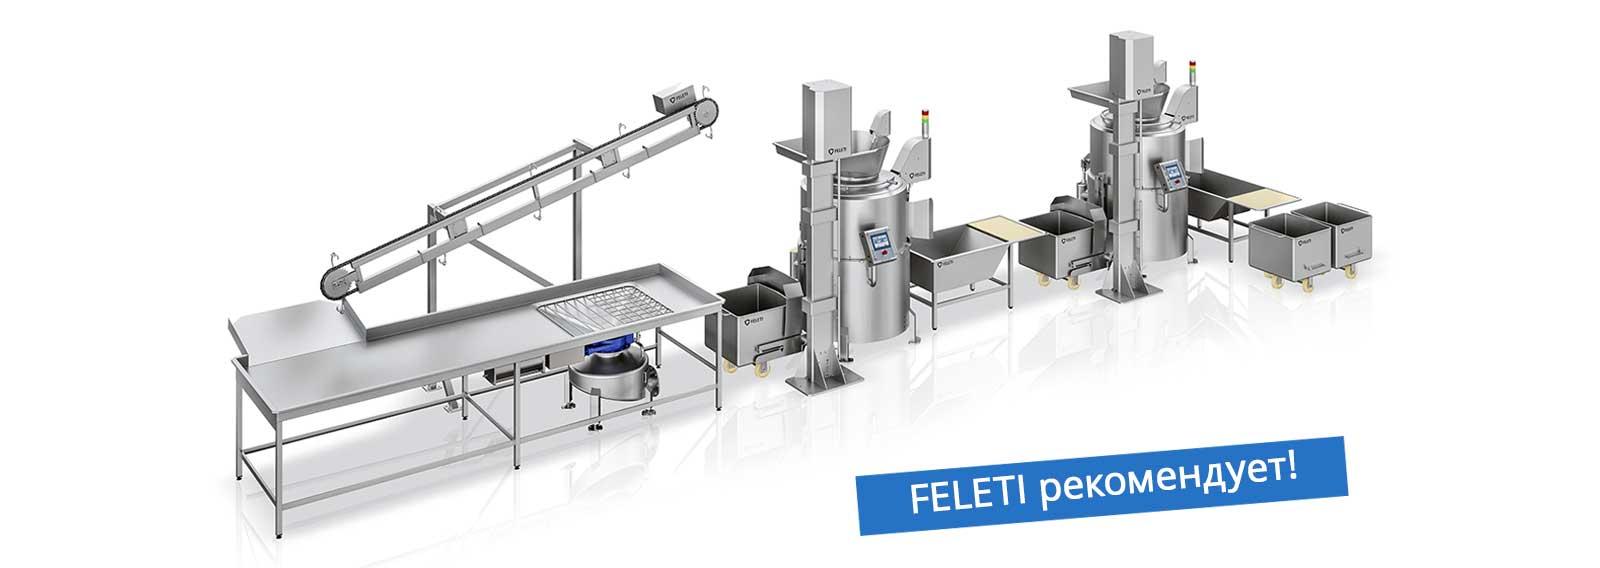 Широкий  модельный ряд оборудования для обработки субпродуктов КРС и свиней!